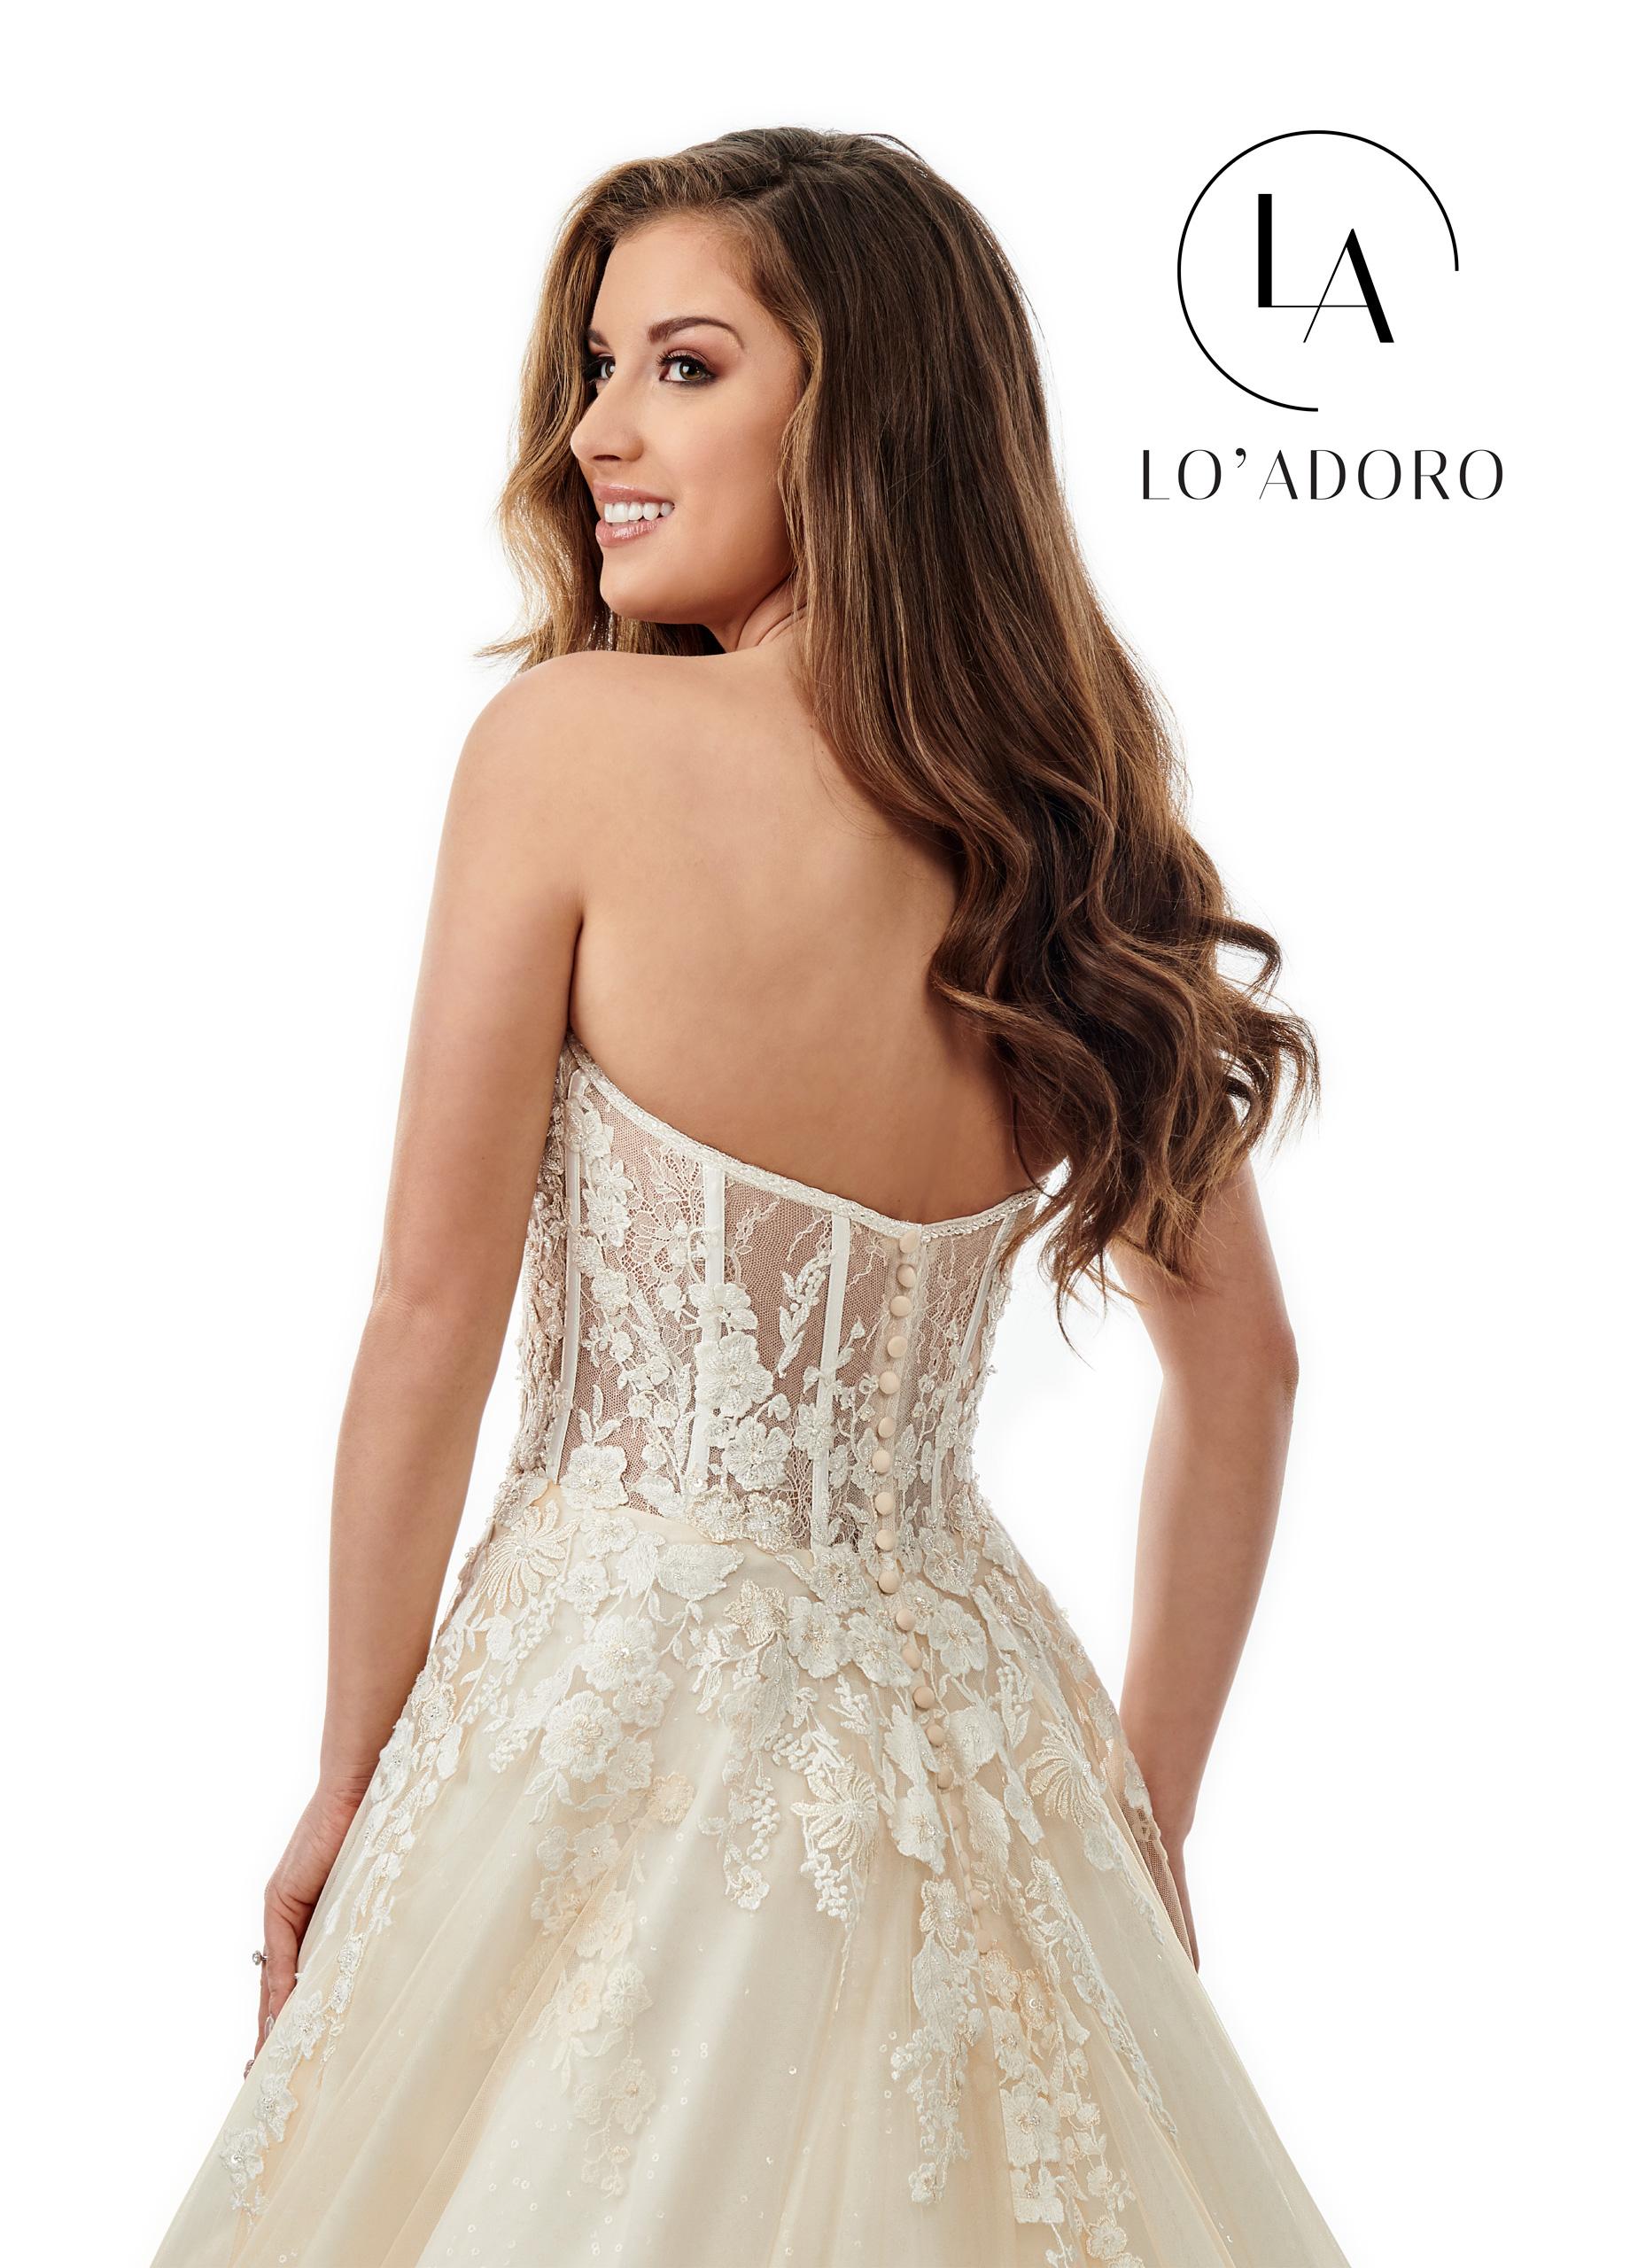 Lo Adoro Bridal Dresses   Lo' Adoro   Style - M753